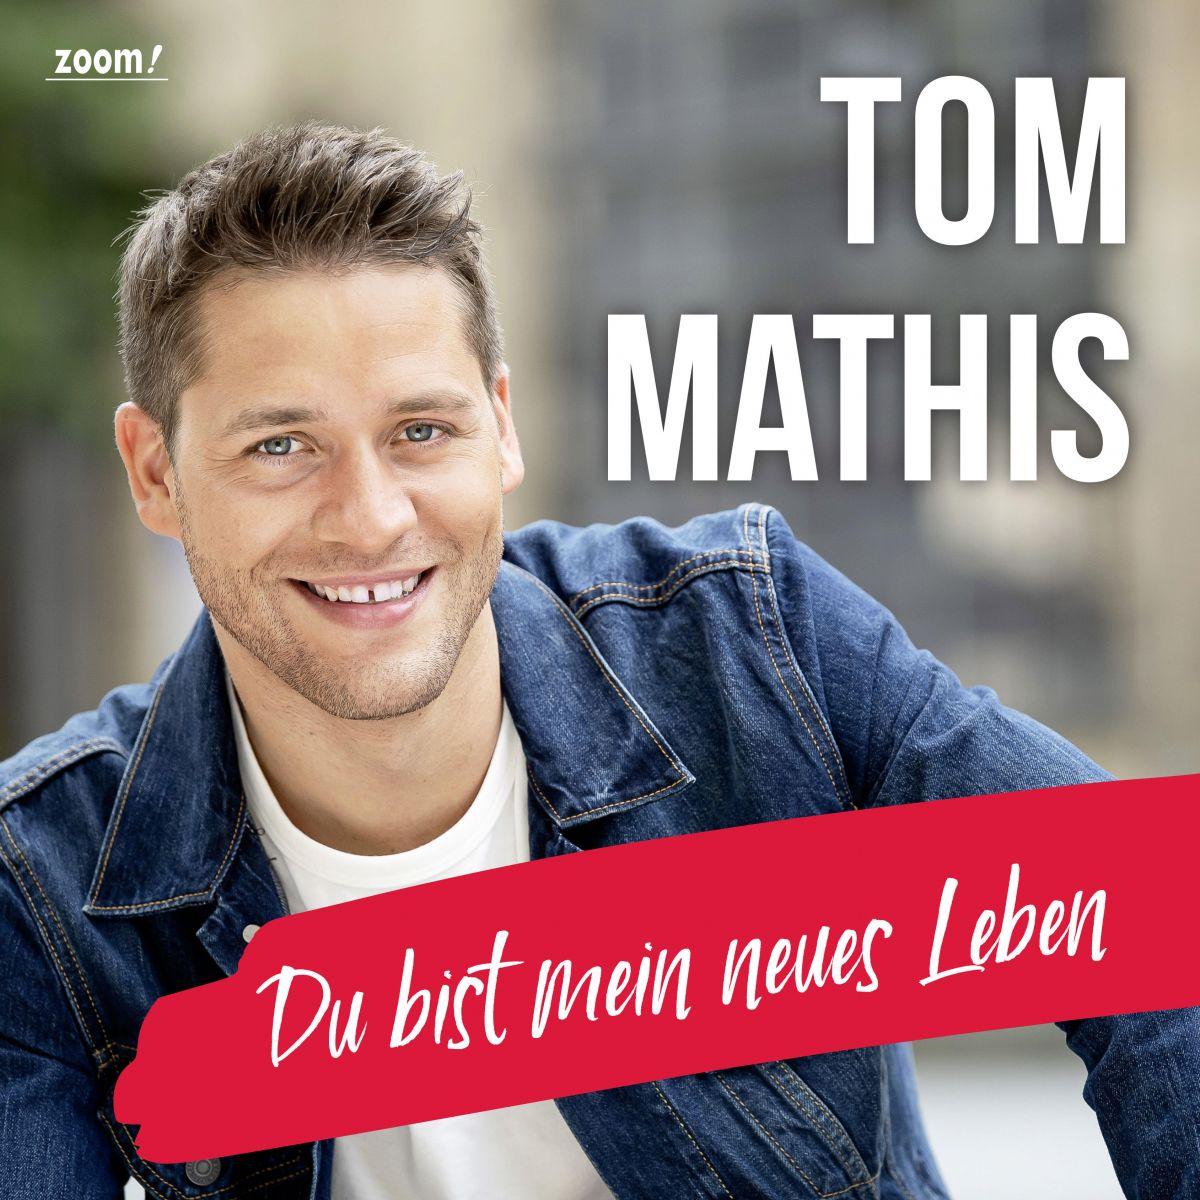 Nouveau single Tom Mathis